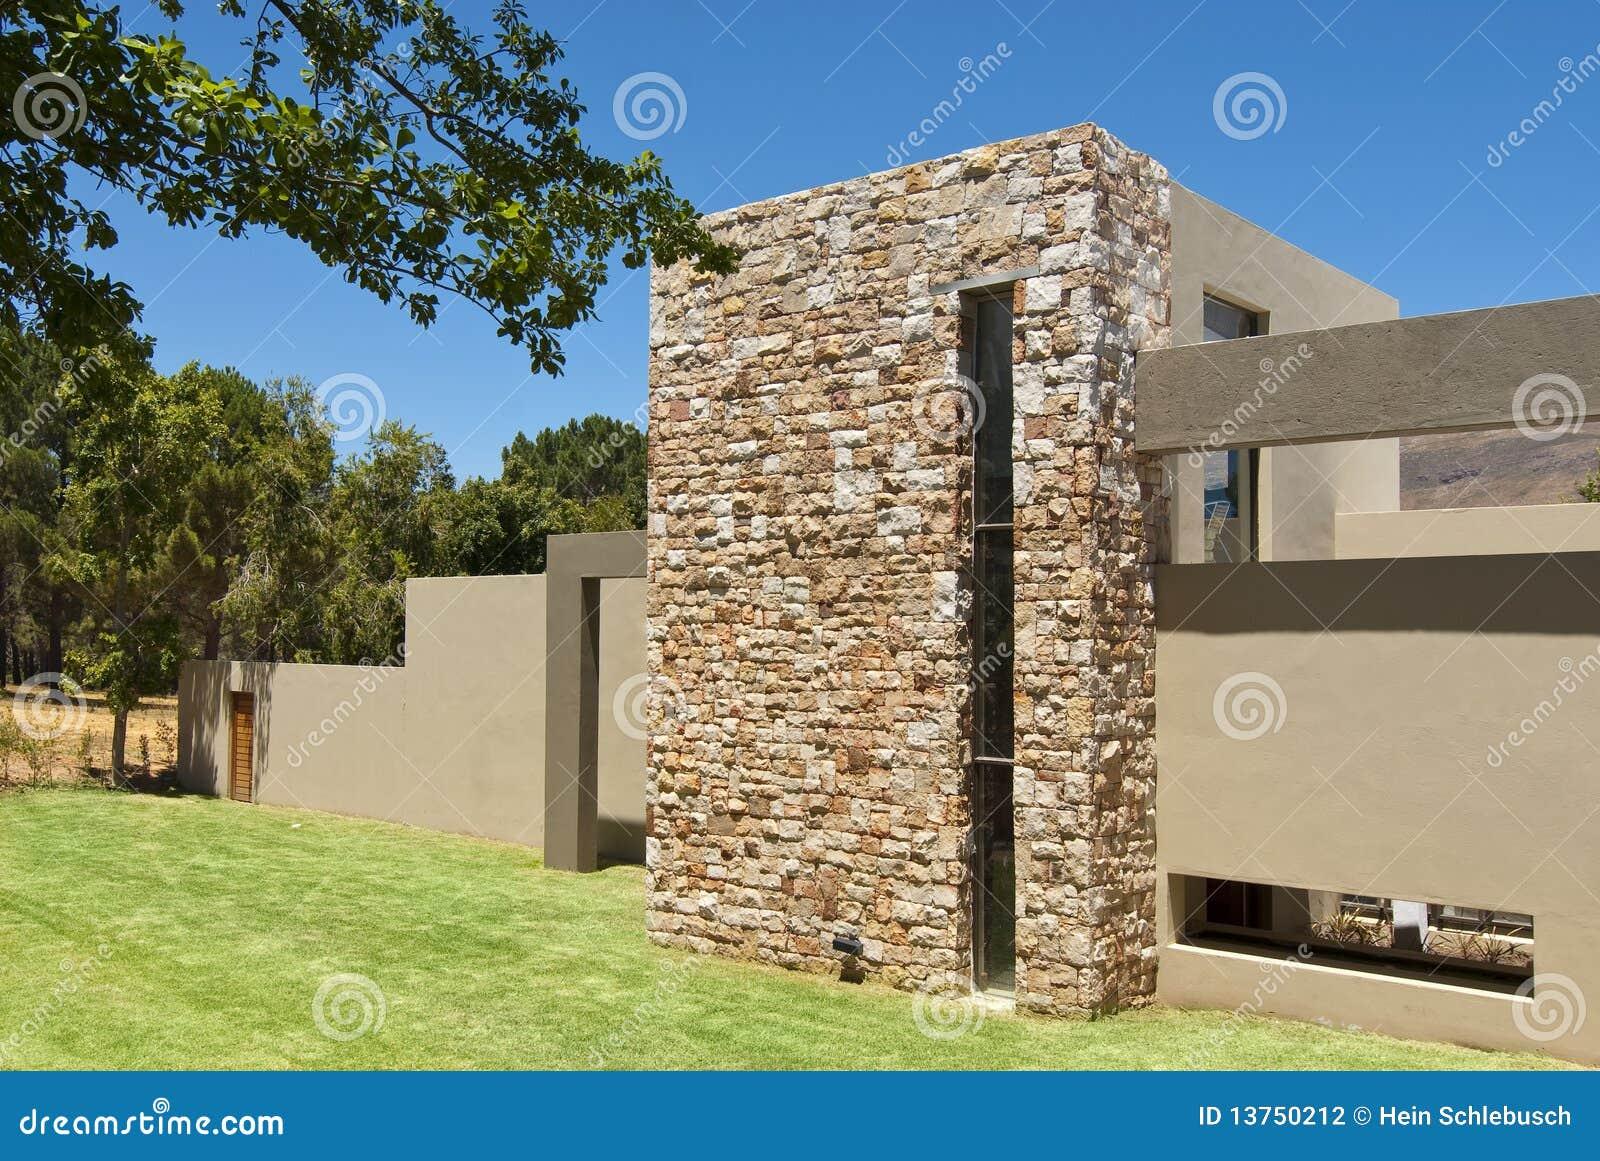 Exterior de la casa moderna foto de archivo imagen de for Exterior casas modernas